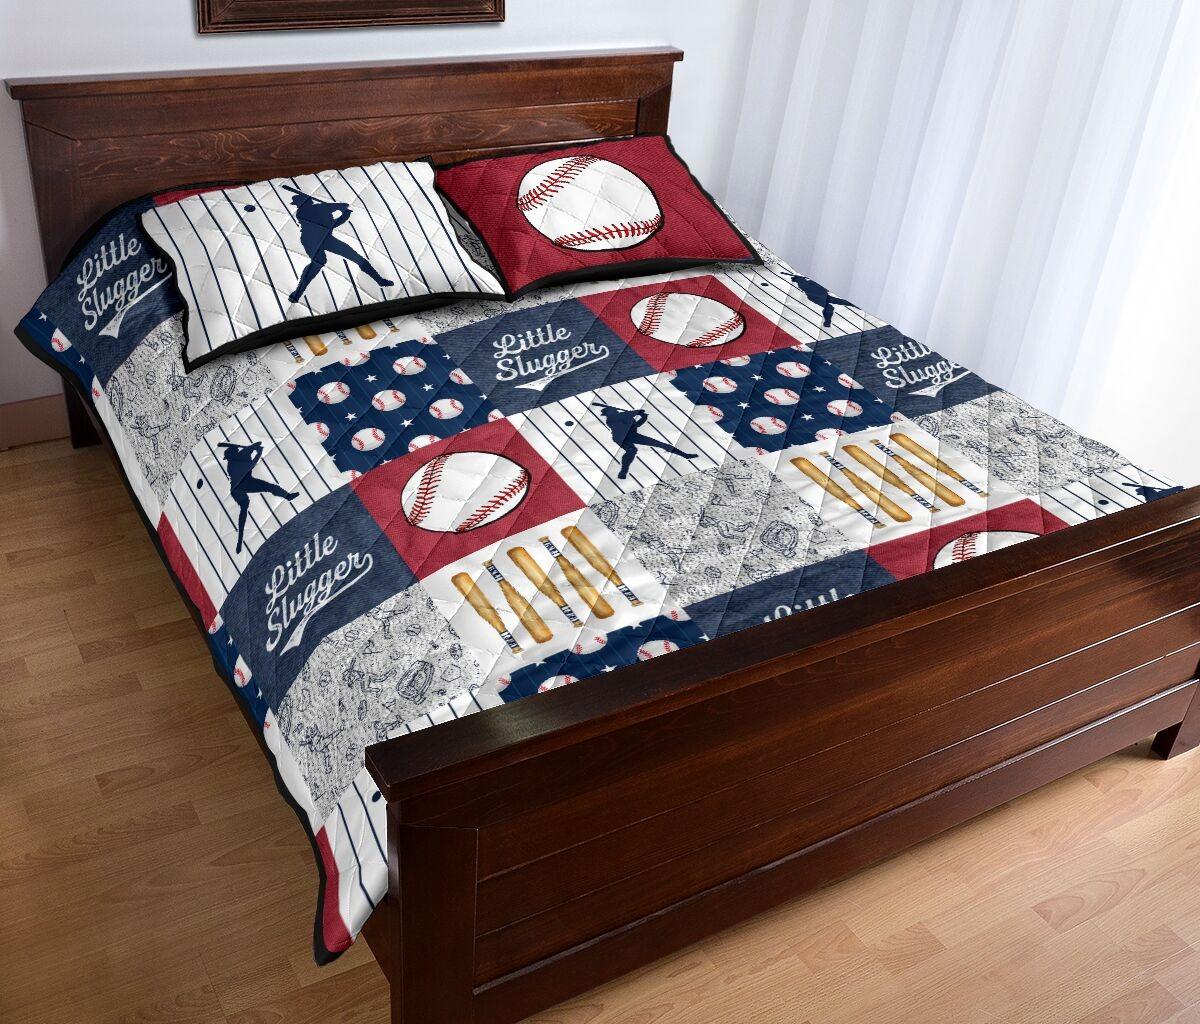 Baseball little slugger quilt bedding set2